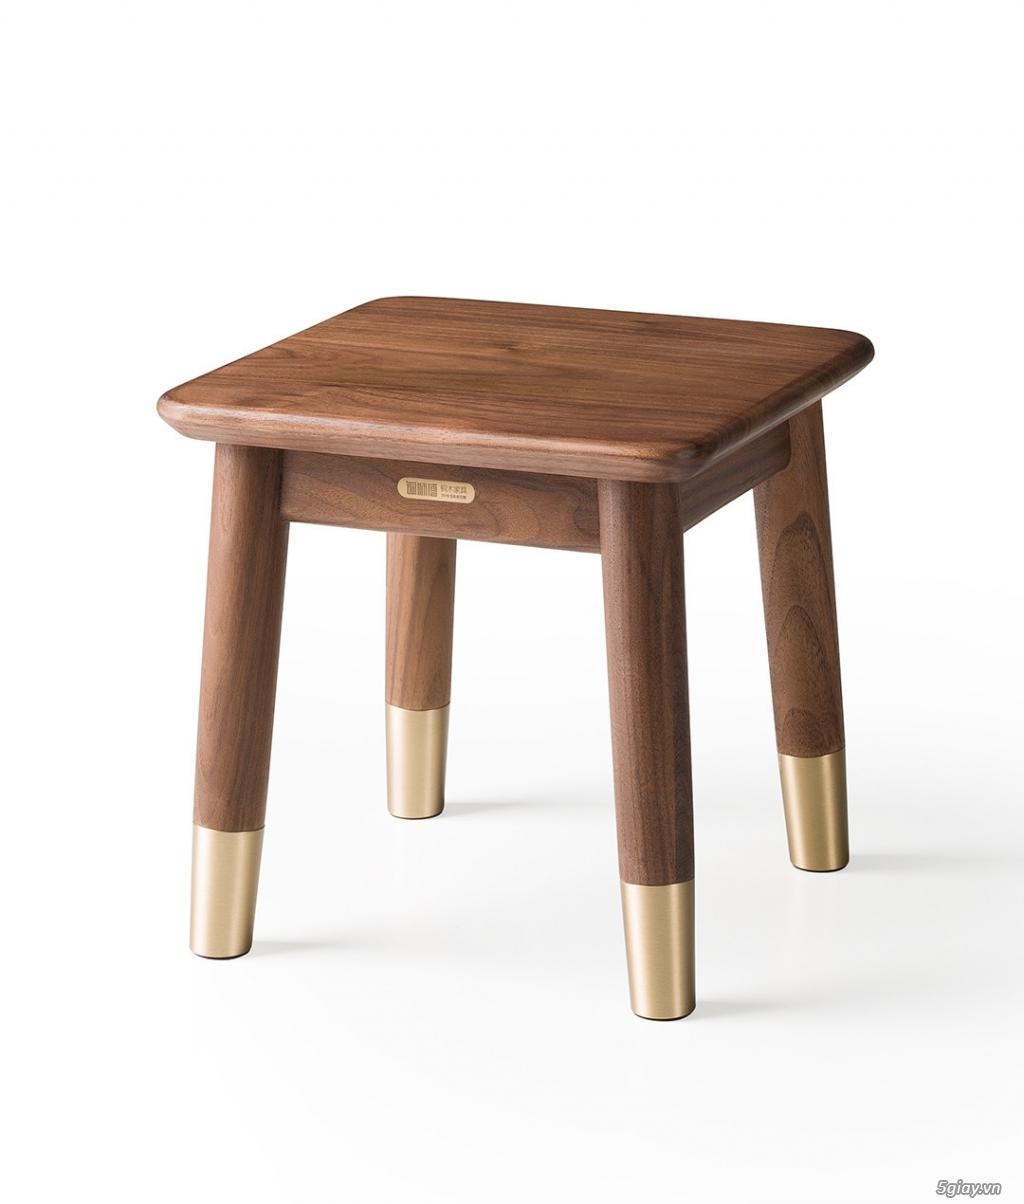 Bộ bàn học gỗ Óc Chó nhập khẩu - 7